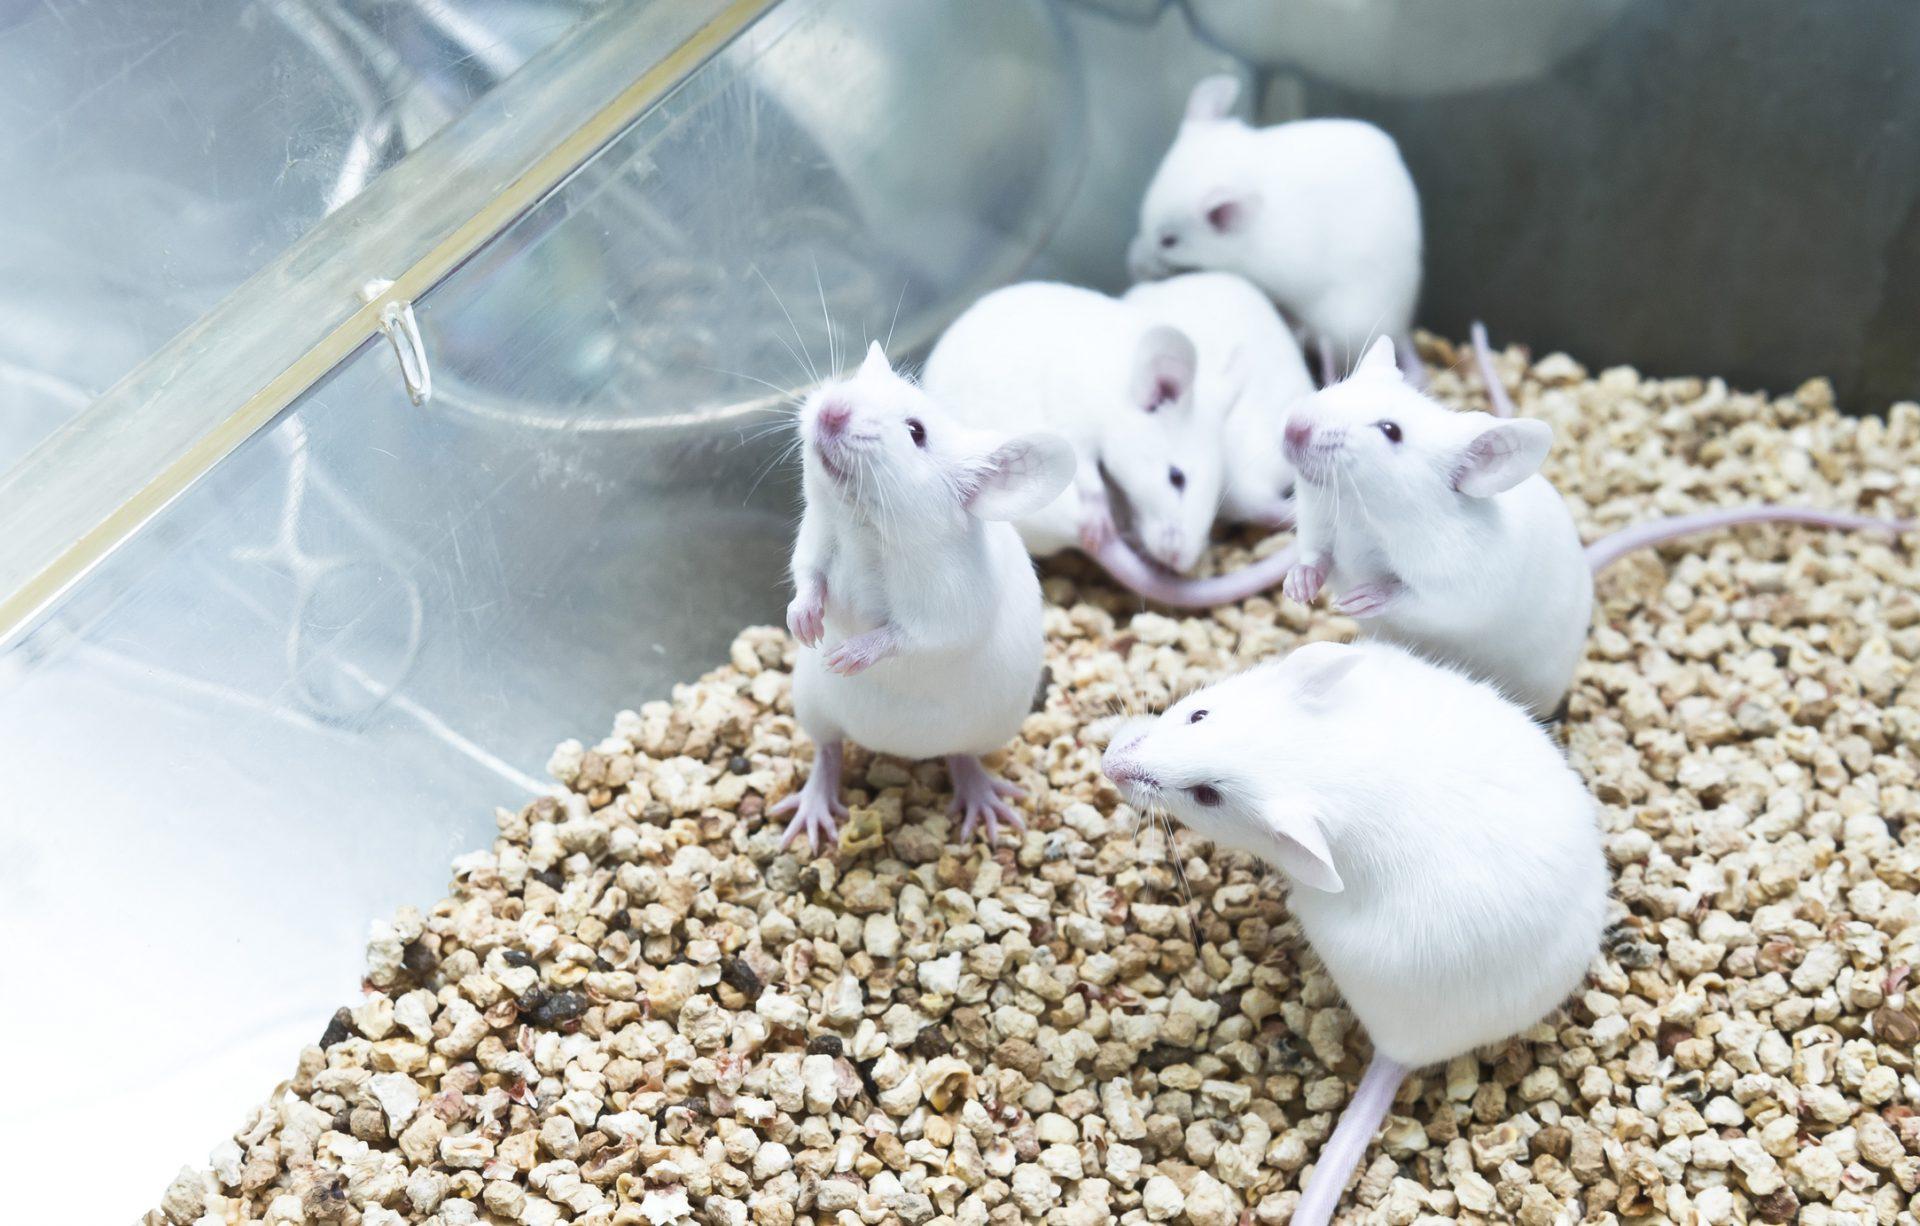 Små hvite mus i et bur